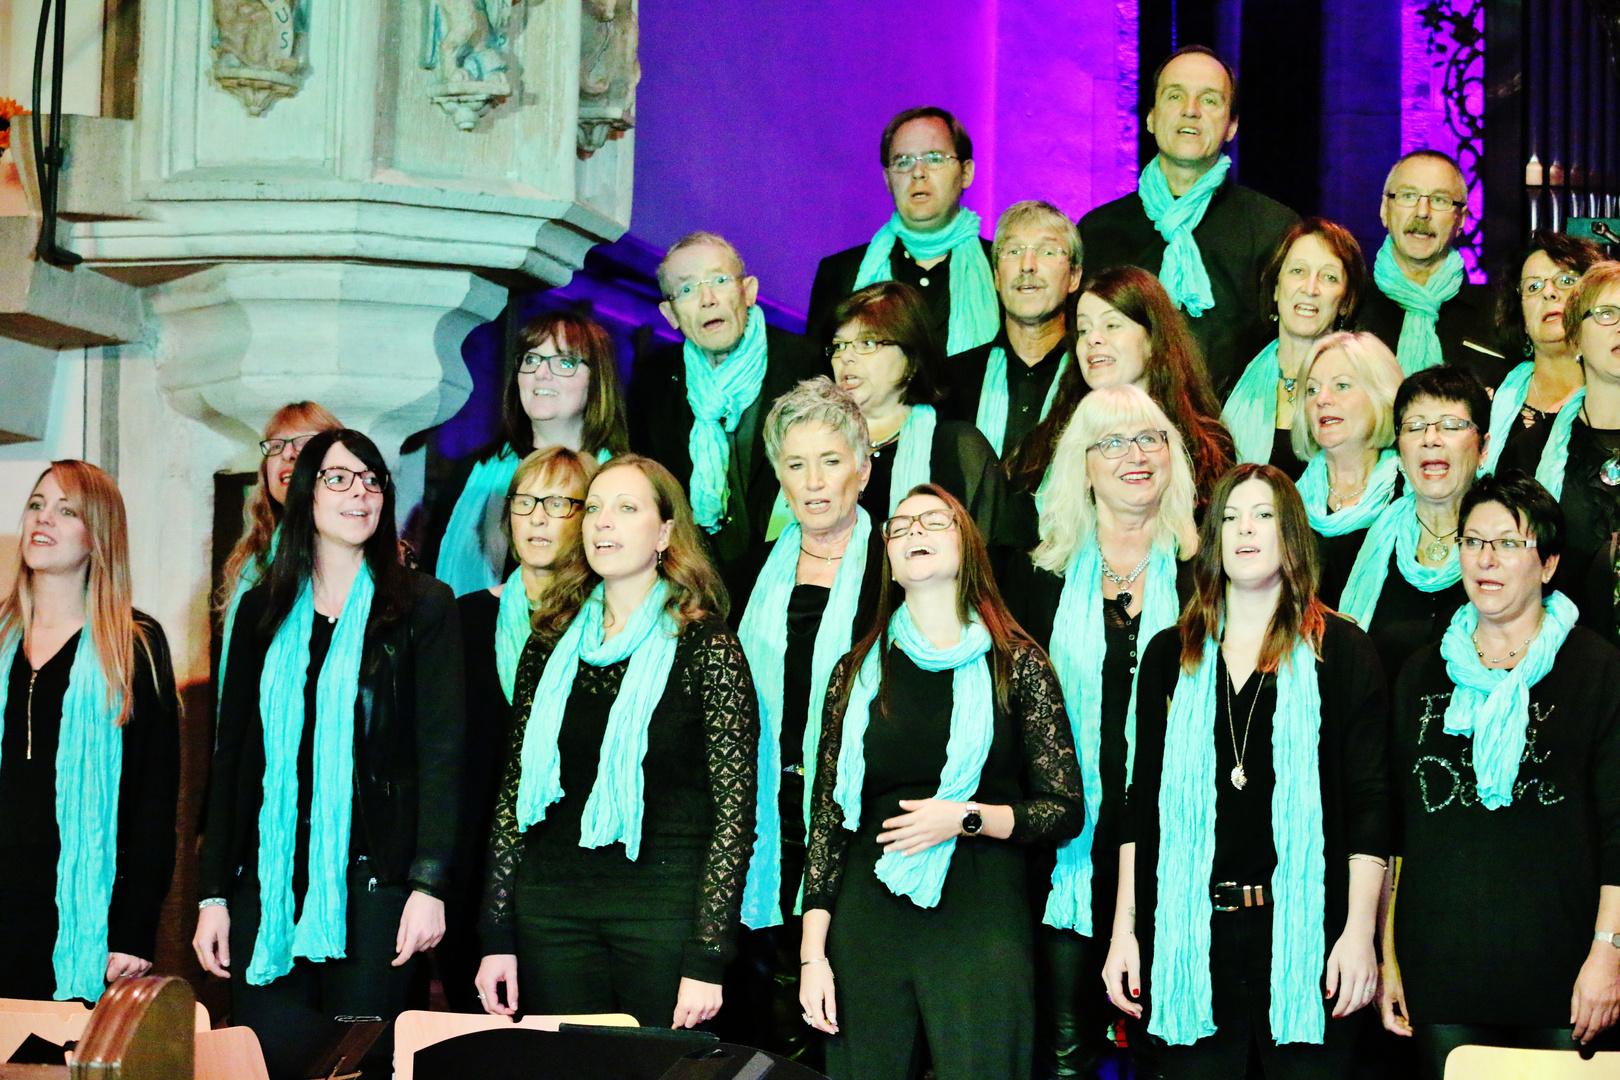 Kirchenkonzert mit dem Gospelchor